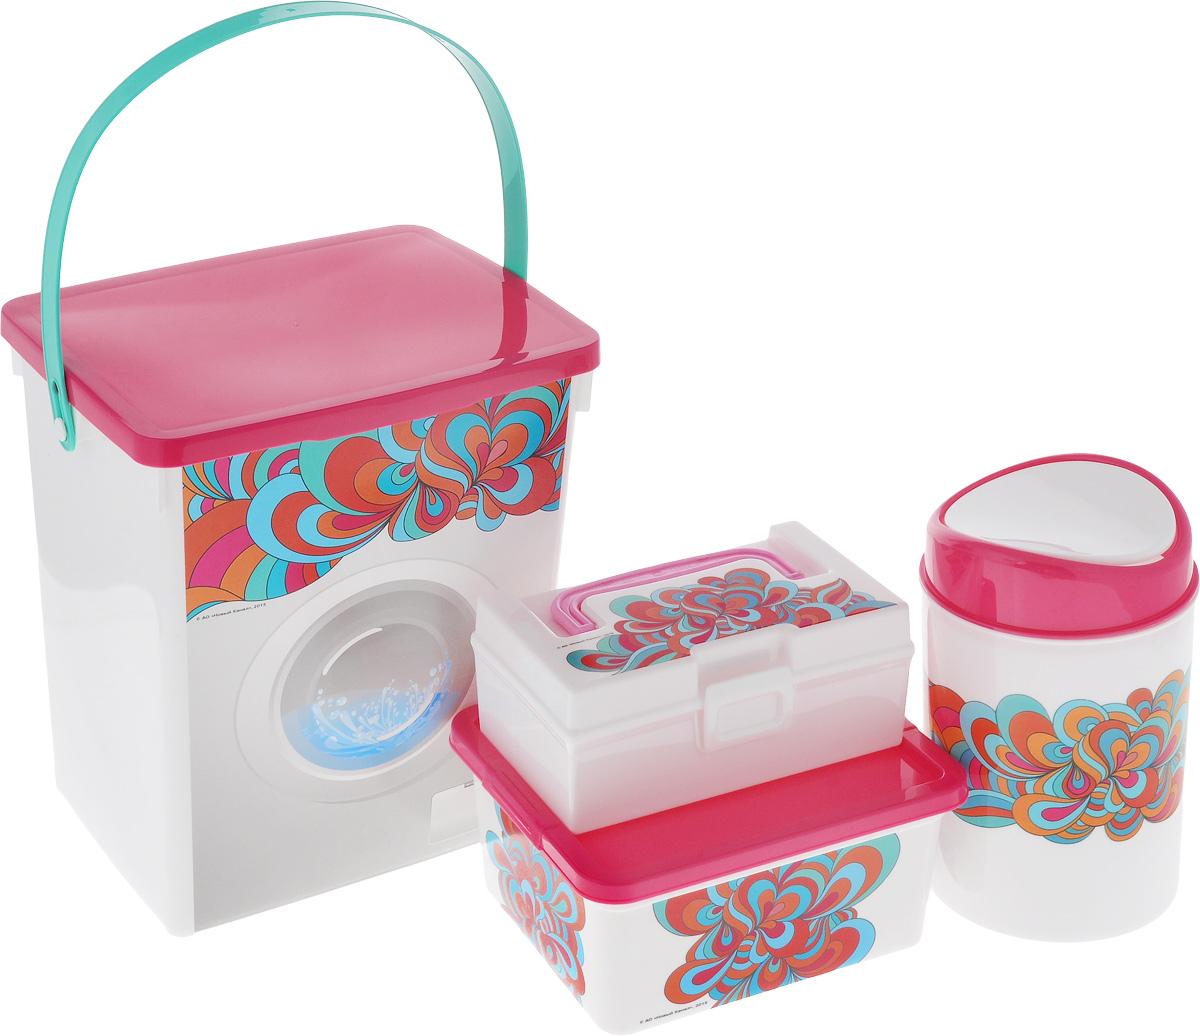 Набор контейнеров для хранения Полимербыт Домашний, цвет: белый, розовый, 4 шт. SGHPBKP42SGHPBKP42Комплект Полимербыт Домашний подходит для хранения различных предметов, изготовлен из качественного пластика и оформлен принтом с узорами. Комплект включает в себя четыре предмета: контейнер для мусора, контейнер для мелочей с удобной пластиковой ручкой и вкладышем, коробка для мелочей и один контейнер для стирального порошка . Многофункциональный комплект, пригодится в быту для любых случаев. Удобные в использовании и хранении. Объём контейнера для мусора: 1,6 л. Объём контейнера для мелочей: 0,8 л. Объём коробки для мелочей: 1,9 л. Объём контейнера для стирального порошка: 8,5 л.